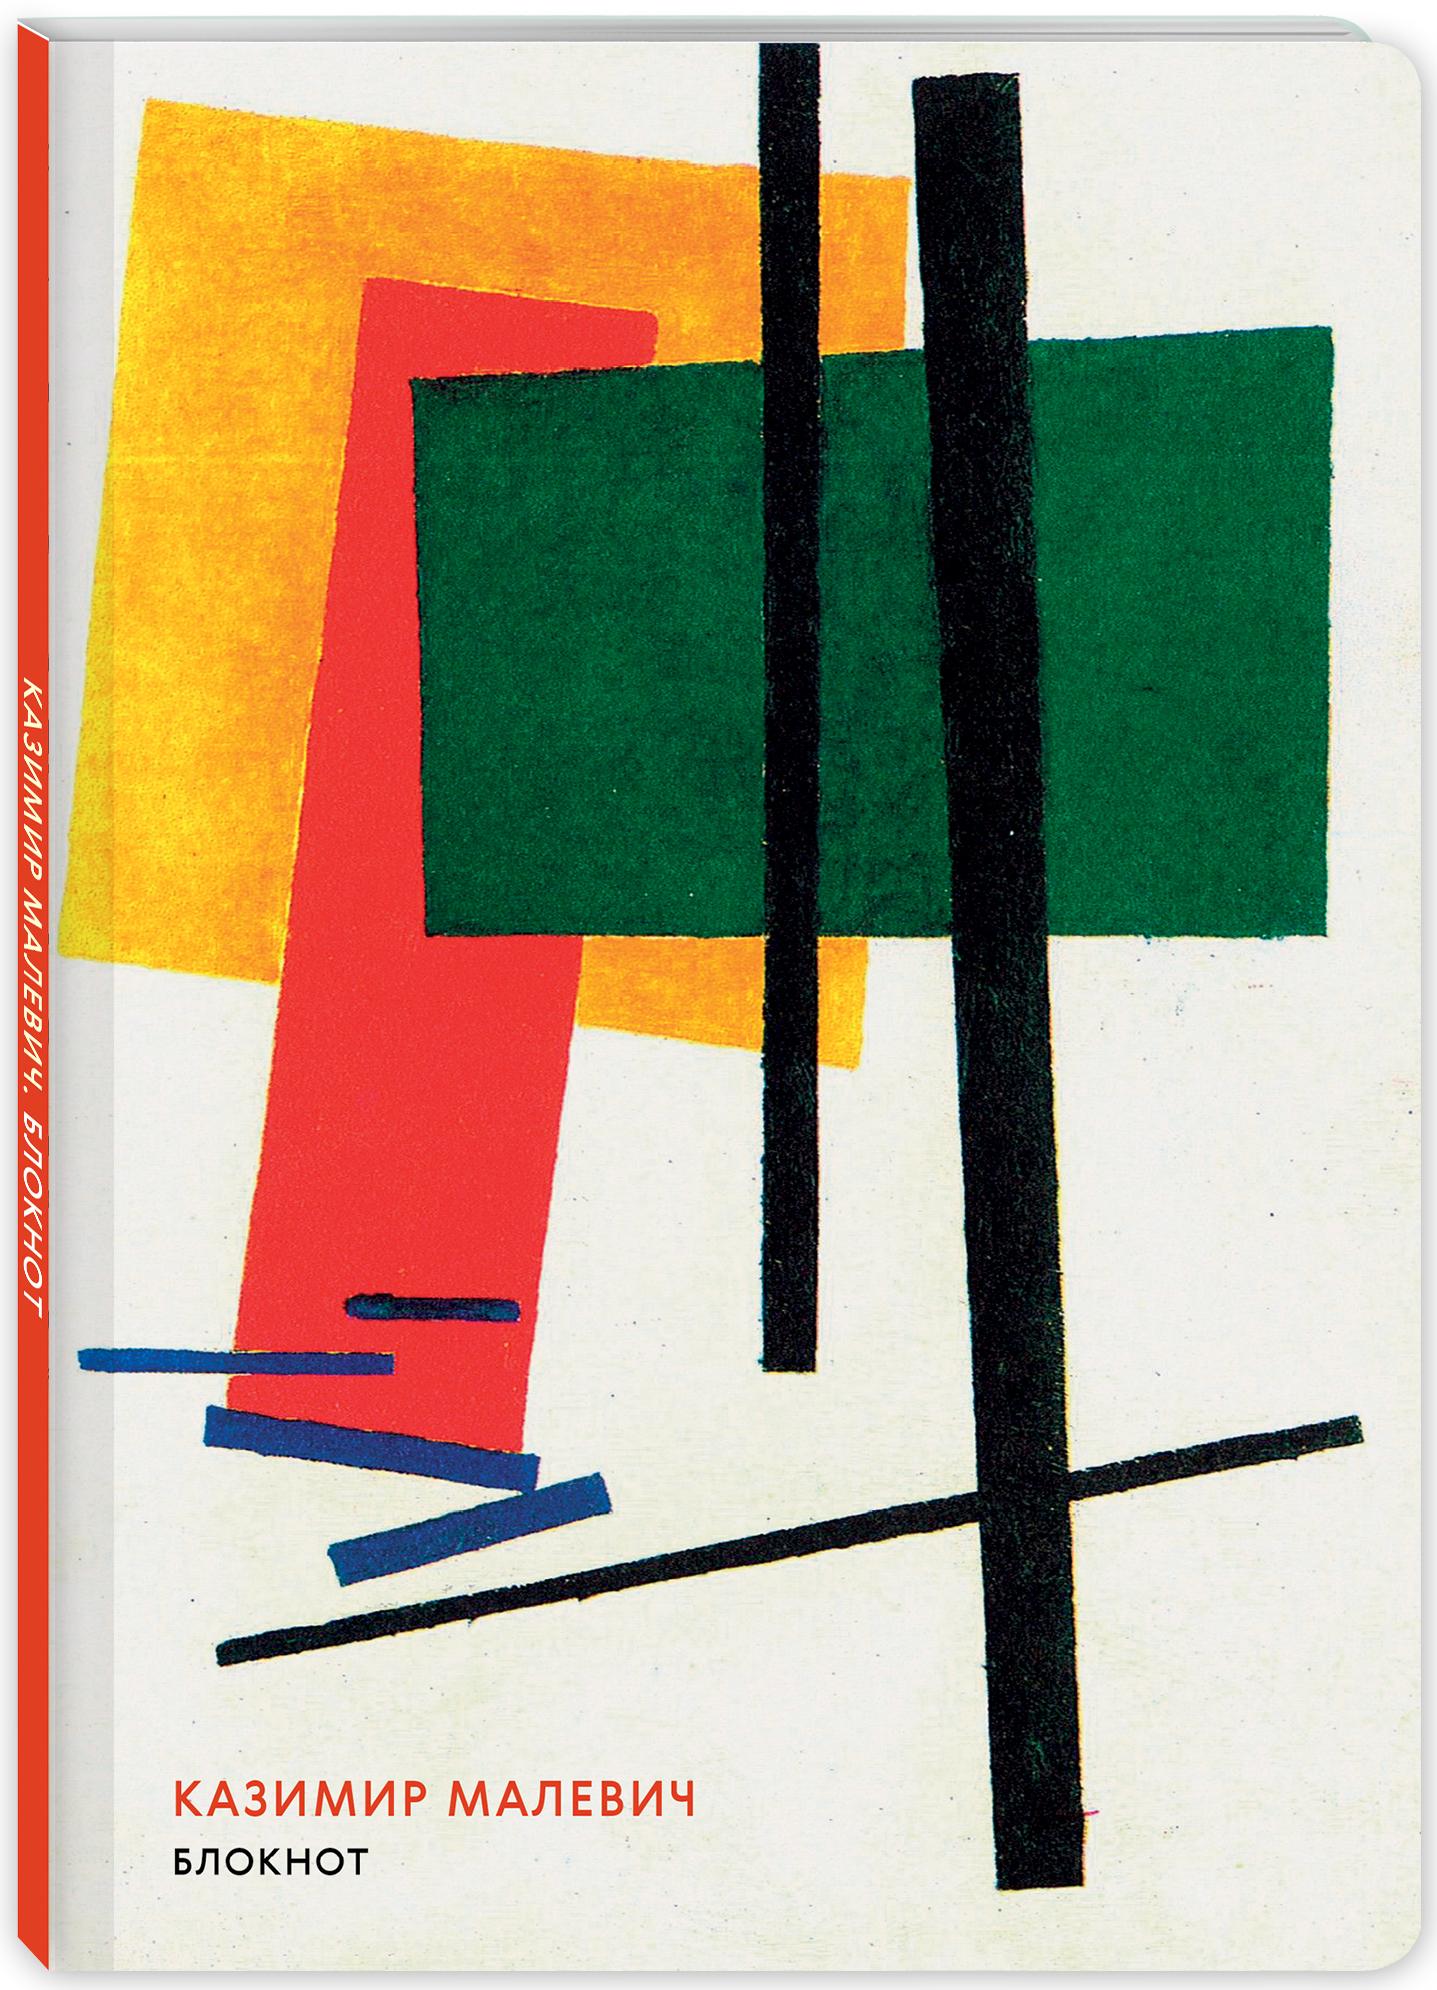 Блокнот. Супрематизм (Малевич) (формат А4, мягкая обложка, круглые углы, блок в точку) блокнот для гениальных идей